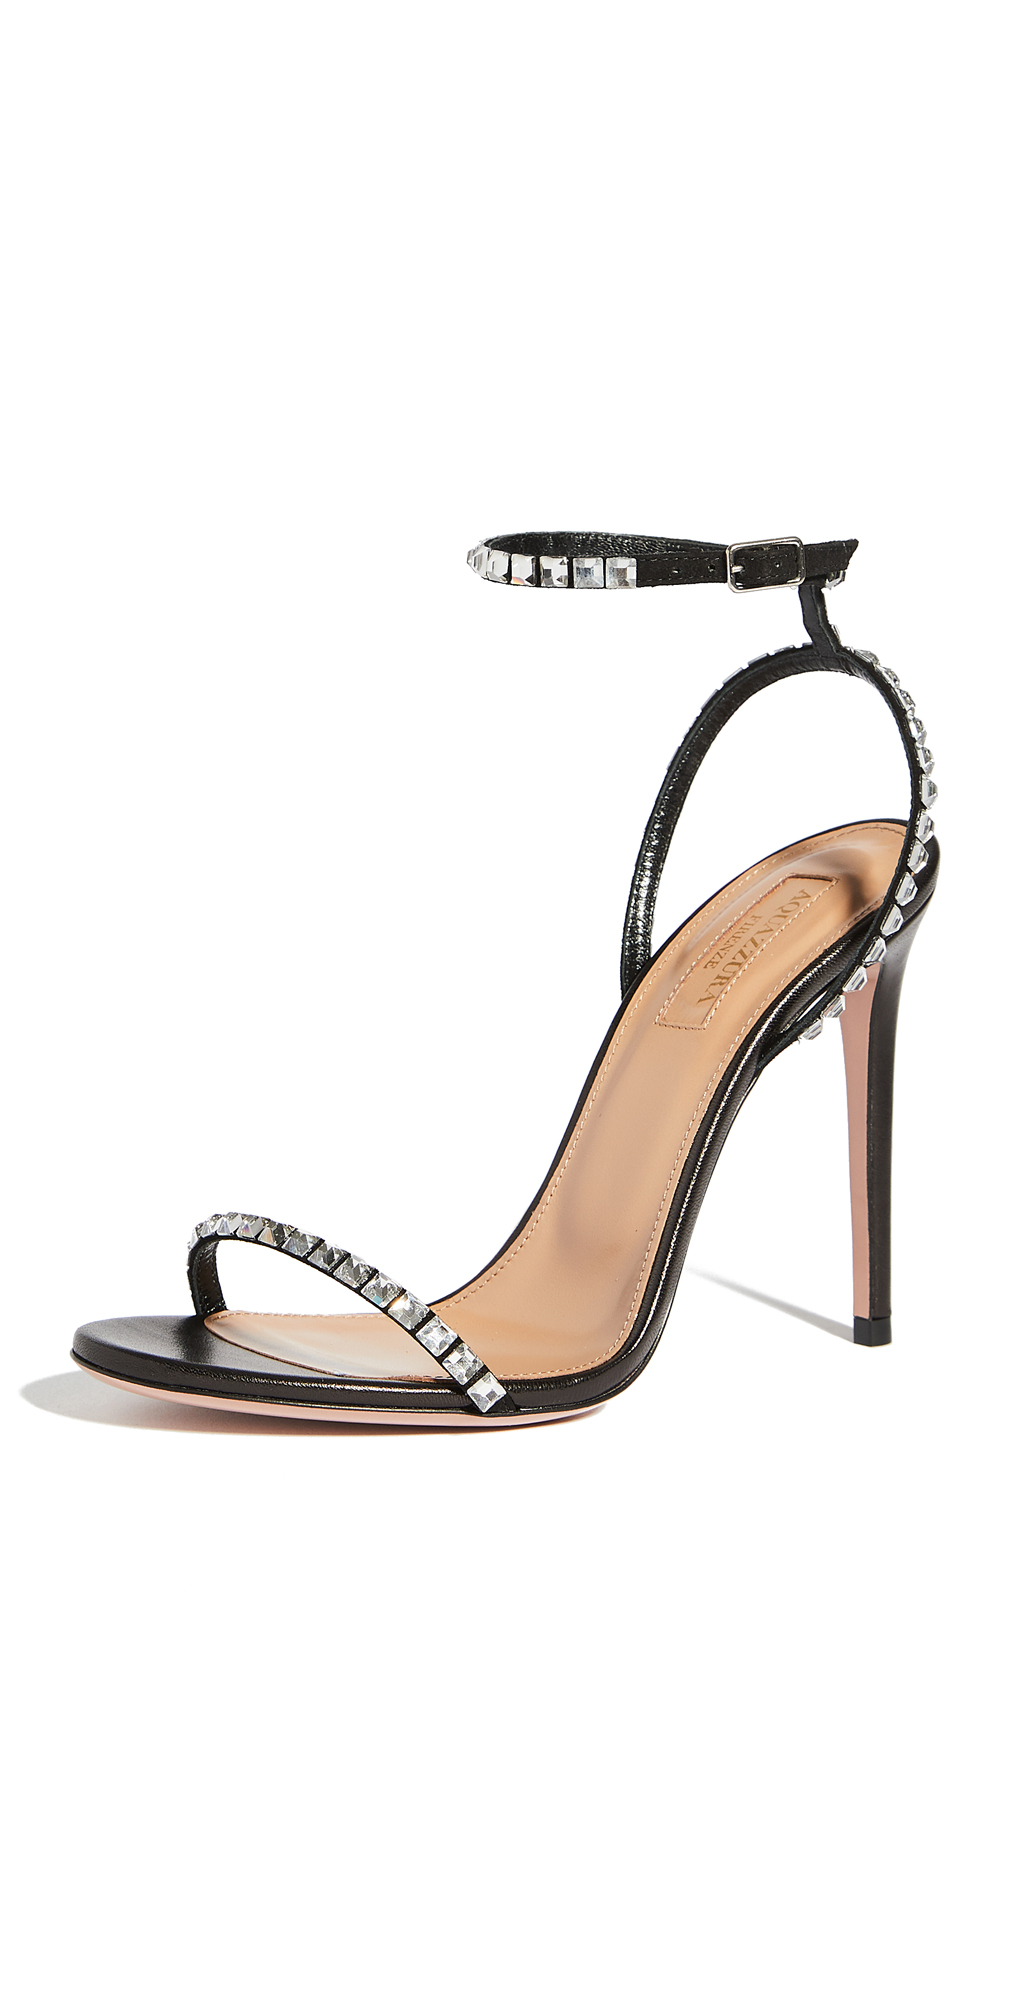 Aquazzura Very Vera Sandals 105mm